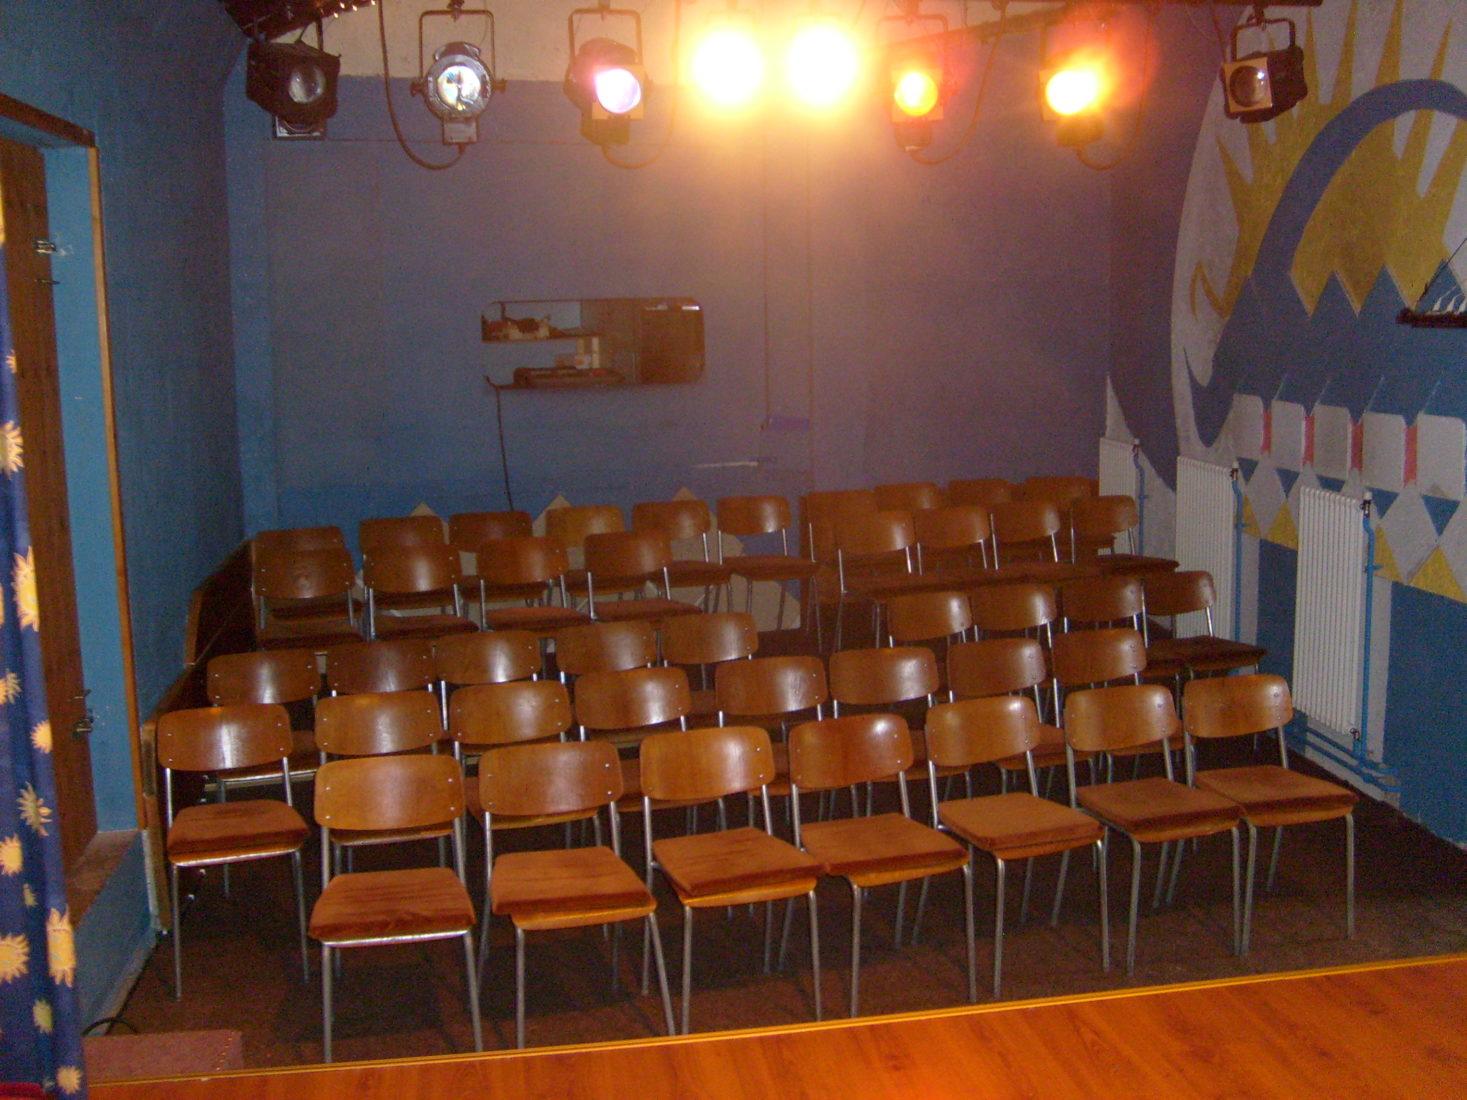 théâtre de la Colombe Lausanne la salle